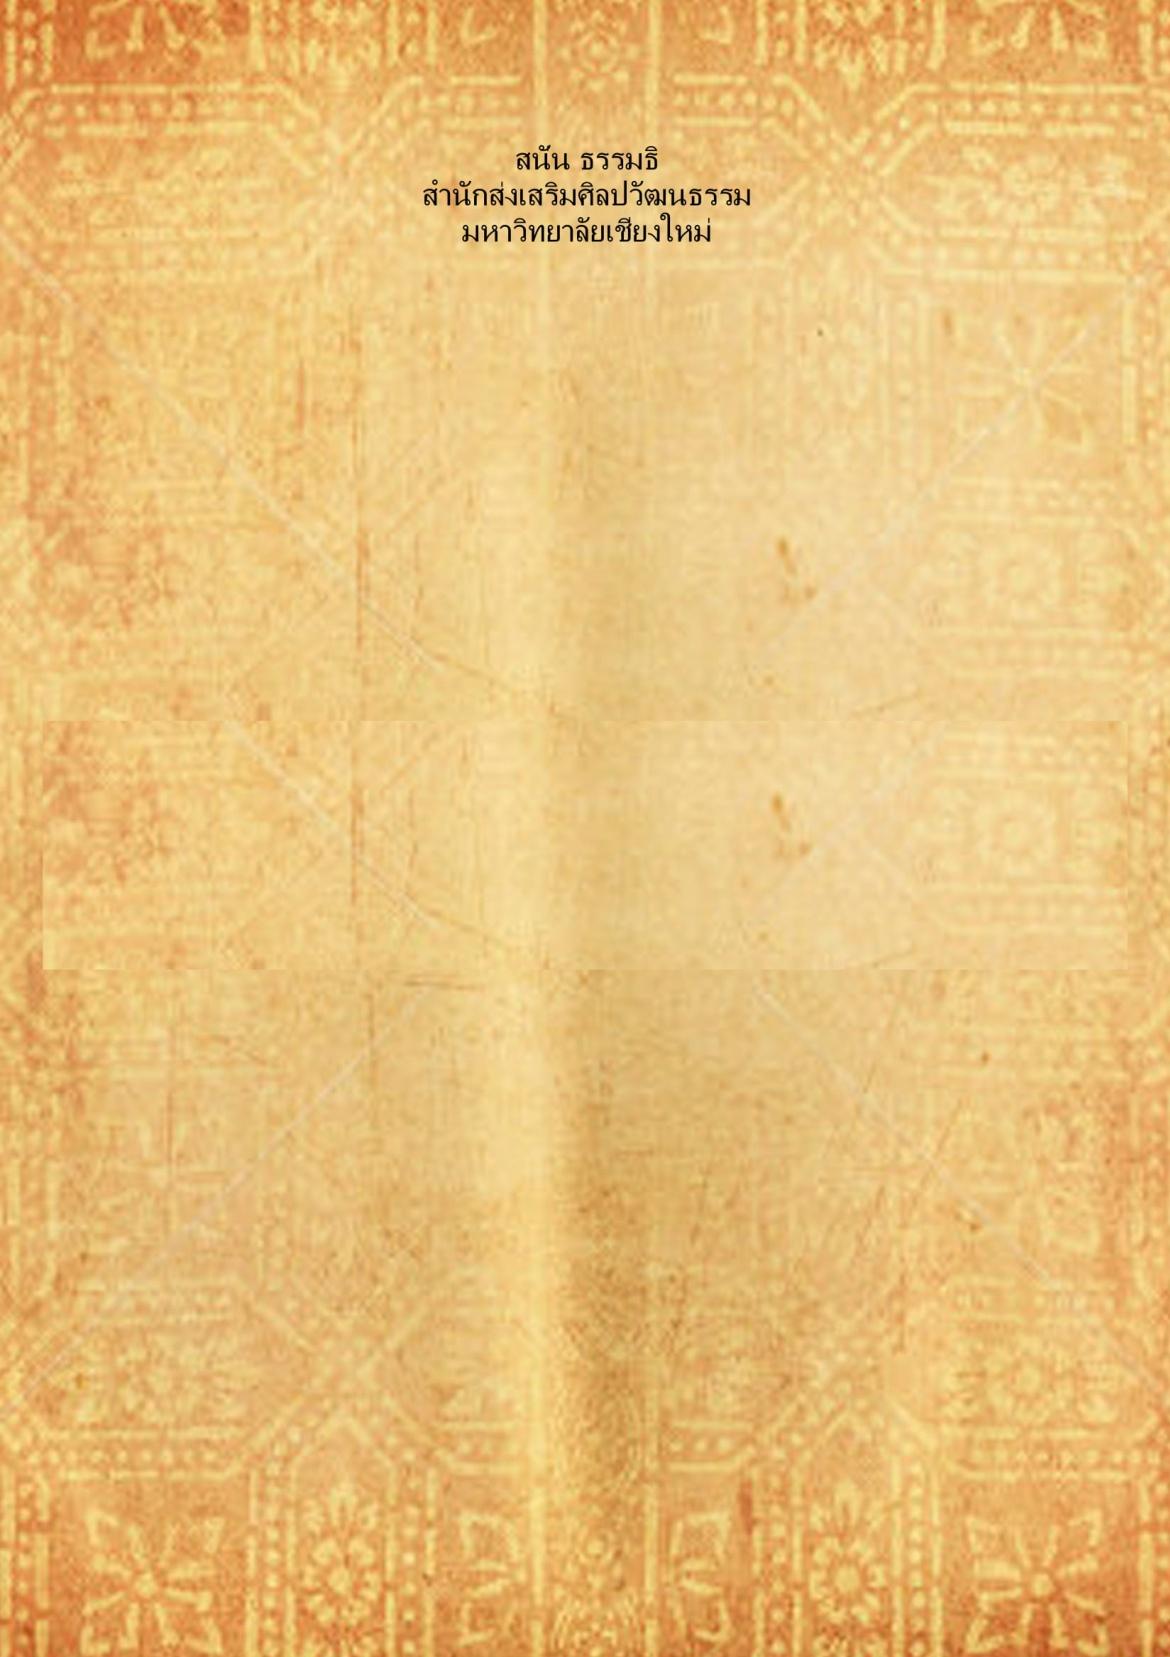 ปาเฮียว (2) - 28 พฤศจิกายน 2559